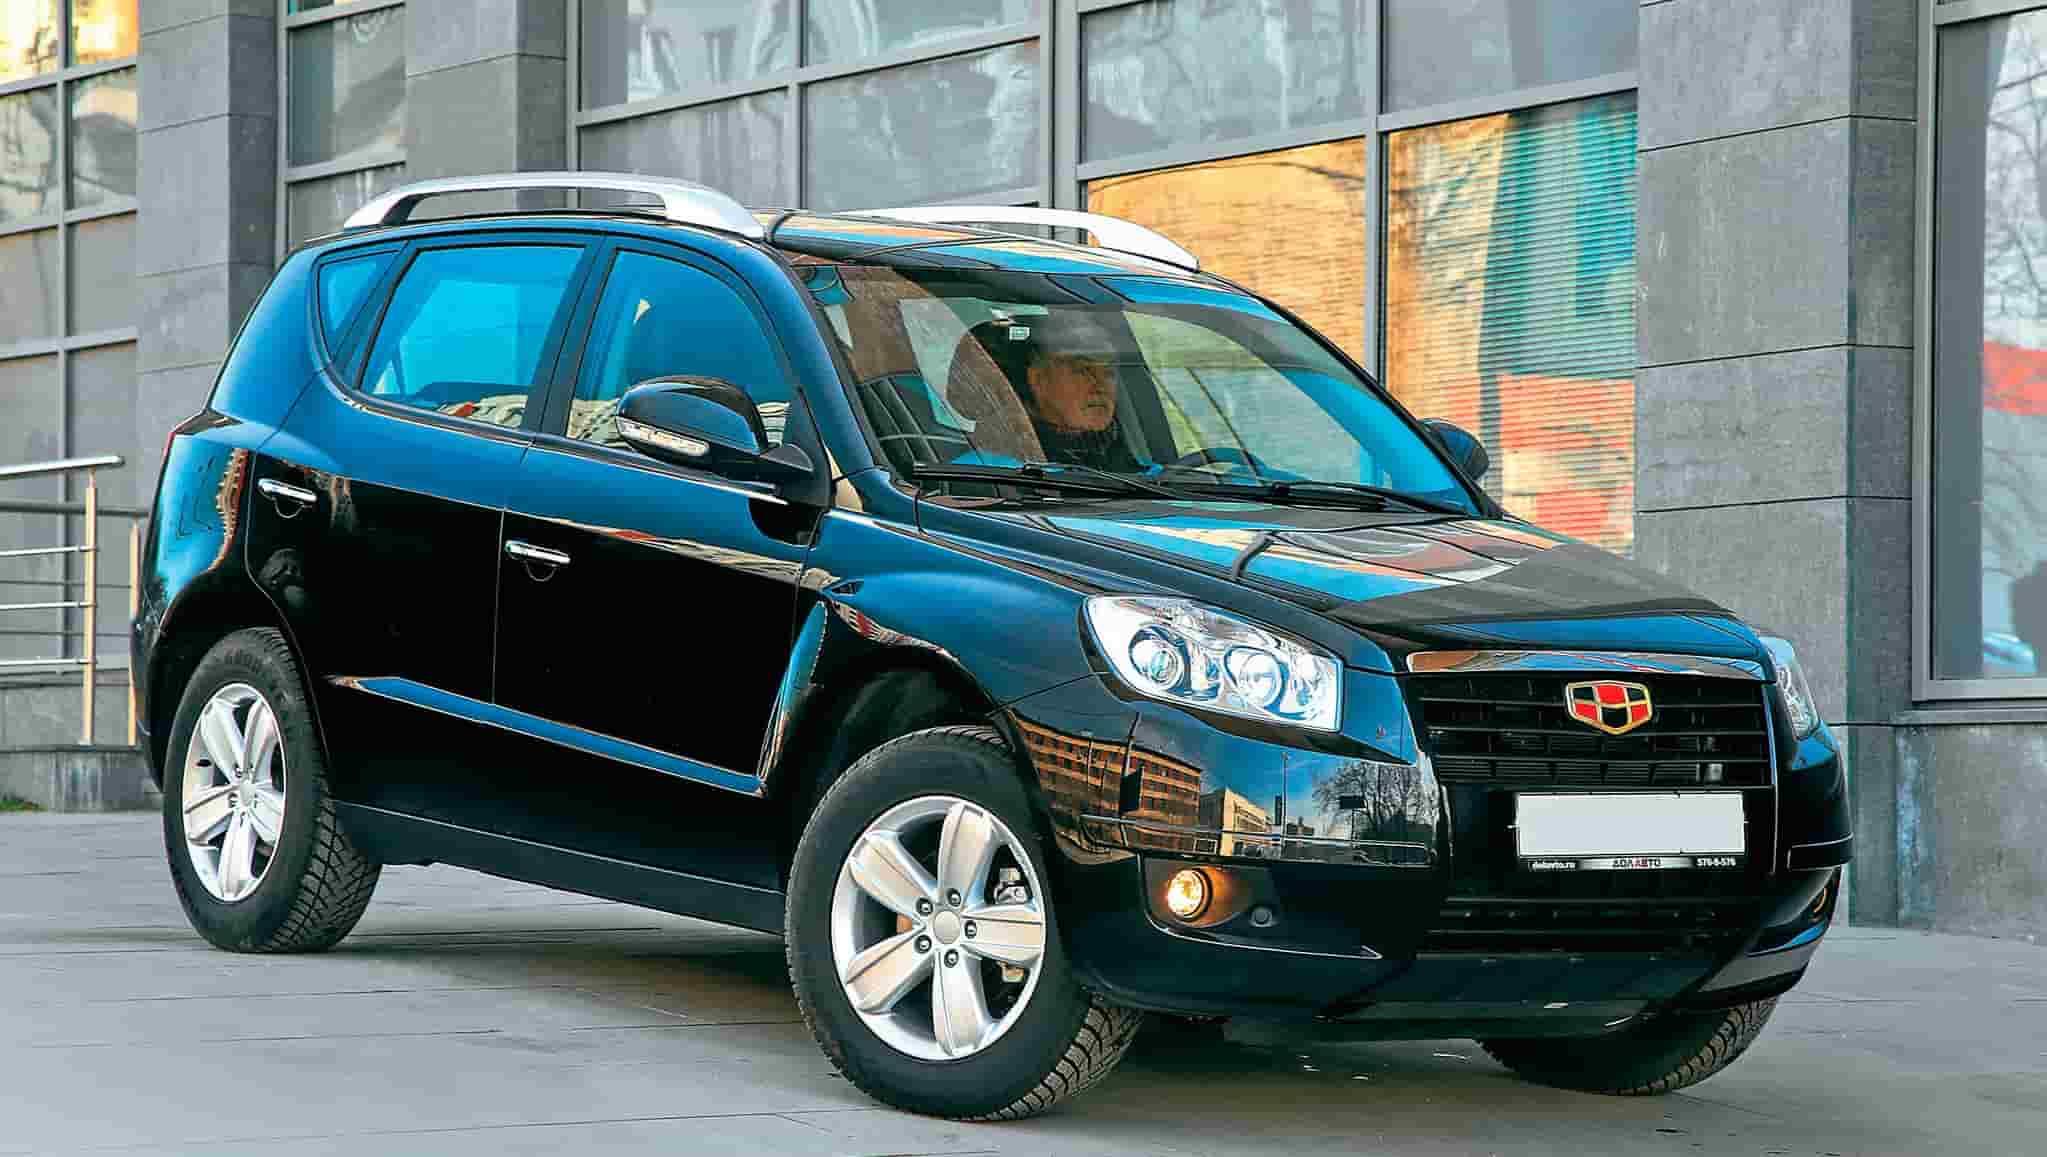 Geely Emgrand X7 или Lifan X60: на что способны «китайцы»